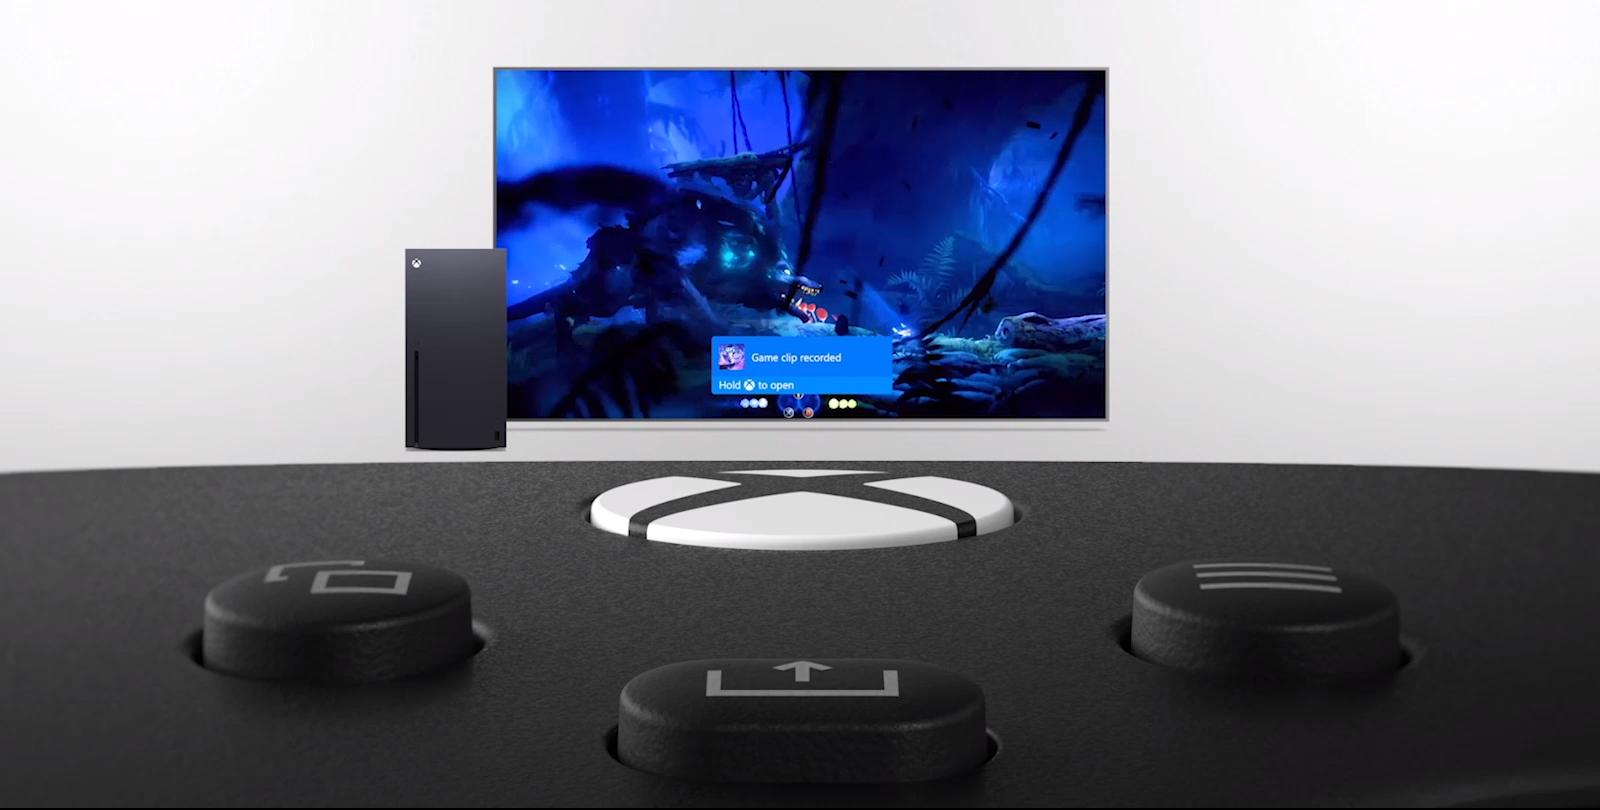 Tay cầm chơi game Xbox Series X Controller - Shock Blue tích hợp thêm nút Share chuyên dụng